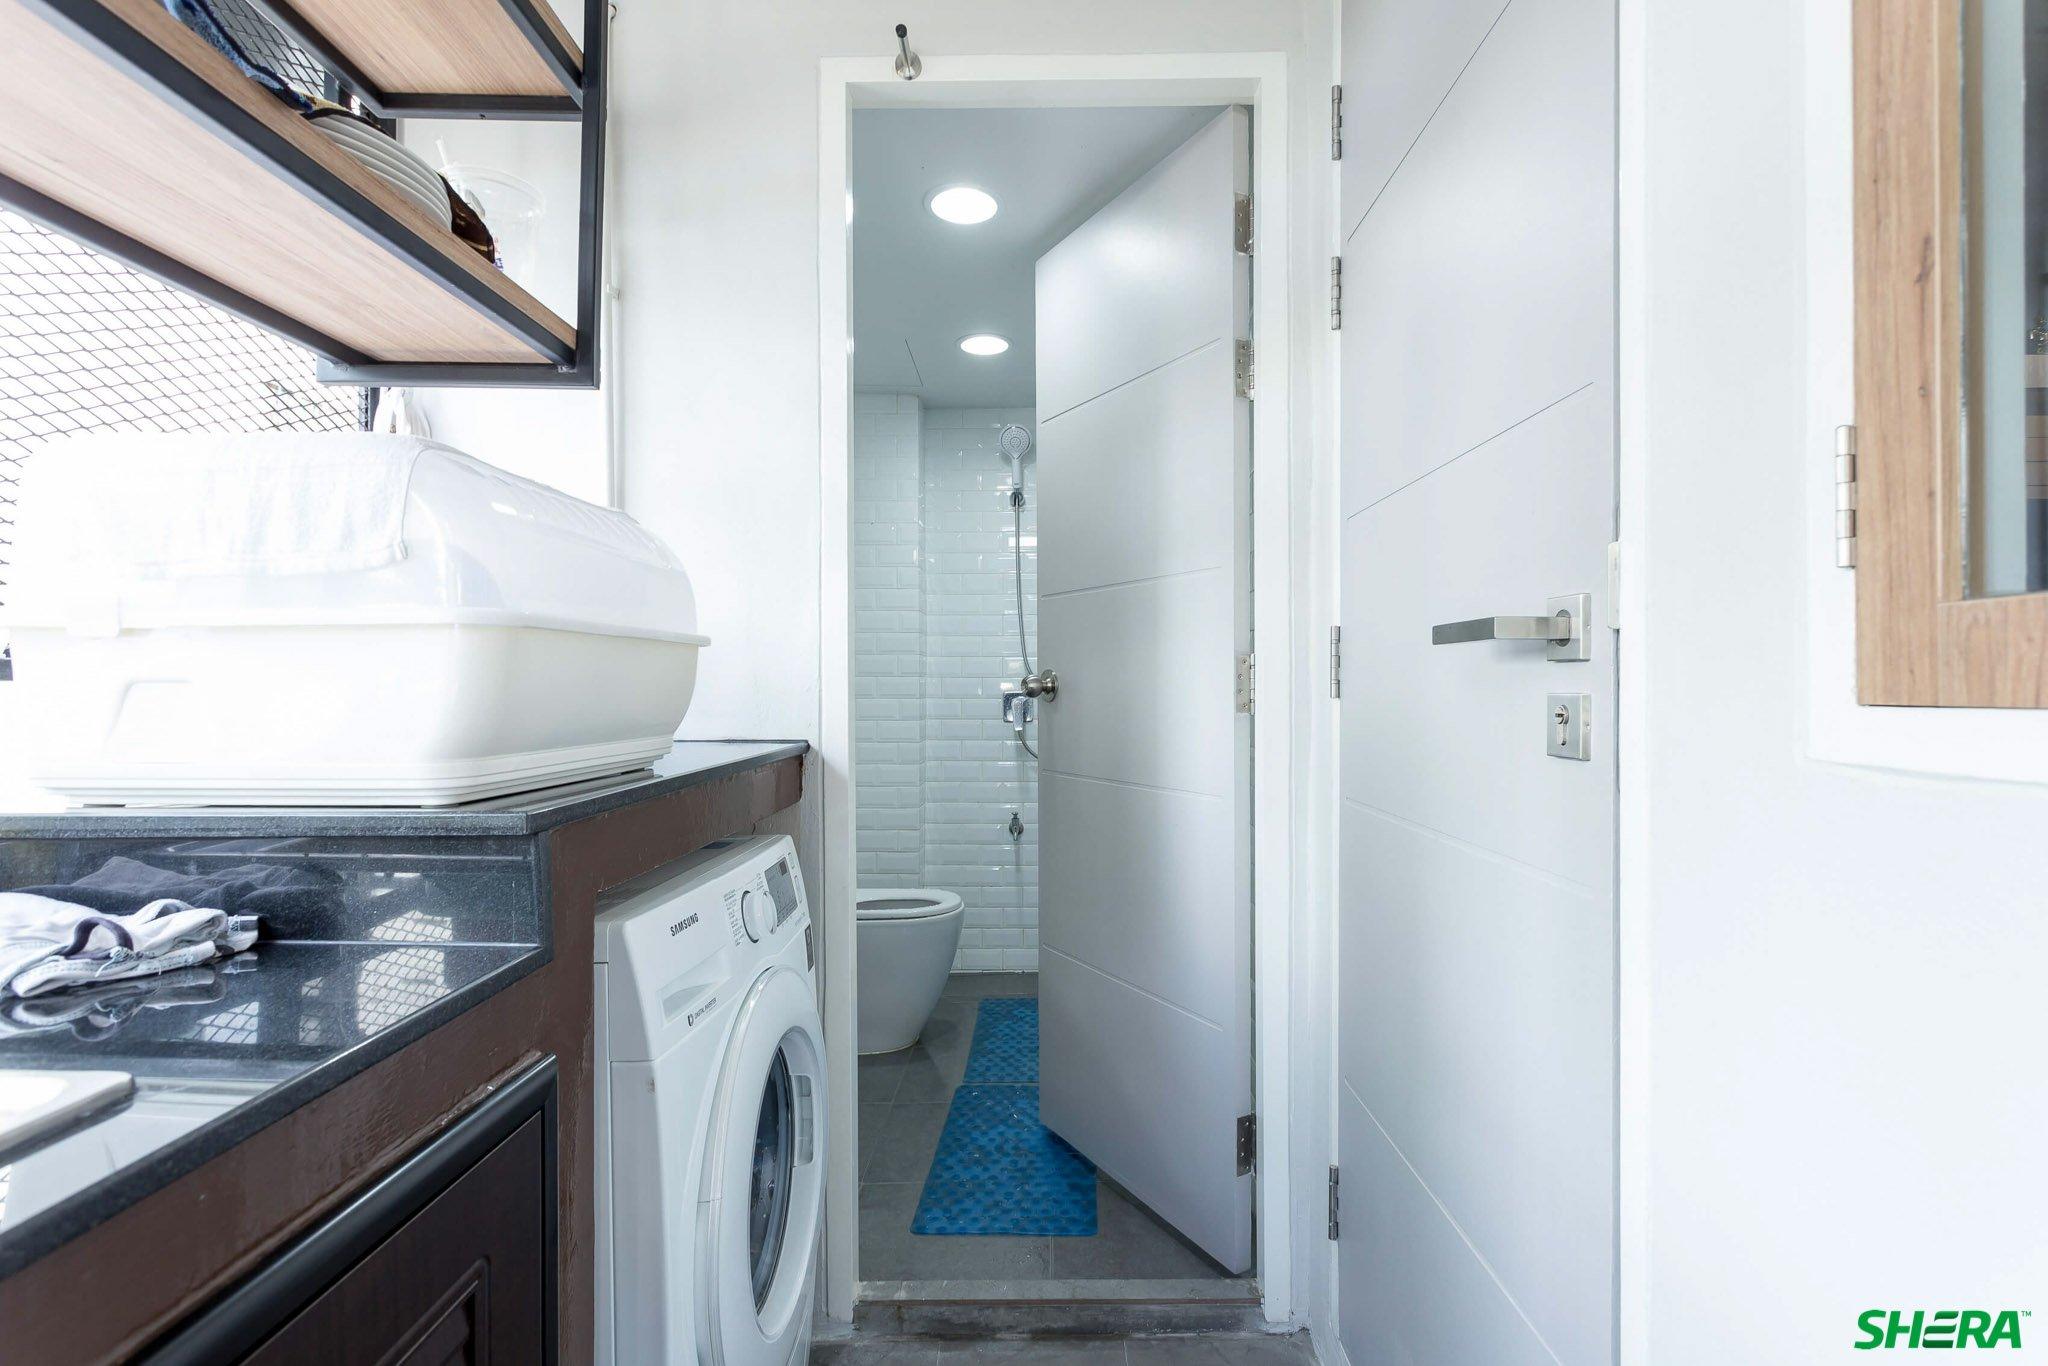 รีโนเวทบ้าน แปลงคอนโดเก่าเป็นสไตล์ Loft และประตูสวยทนด้วยไฟเบอร์ซีเมนต์จาก Shera 37 - fiber cement wood